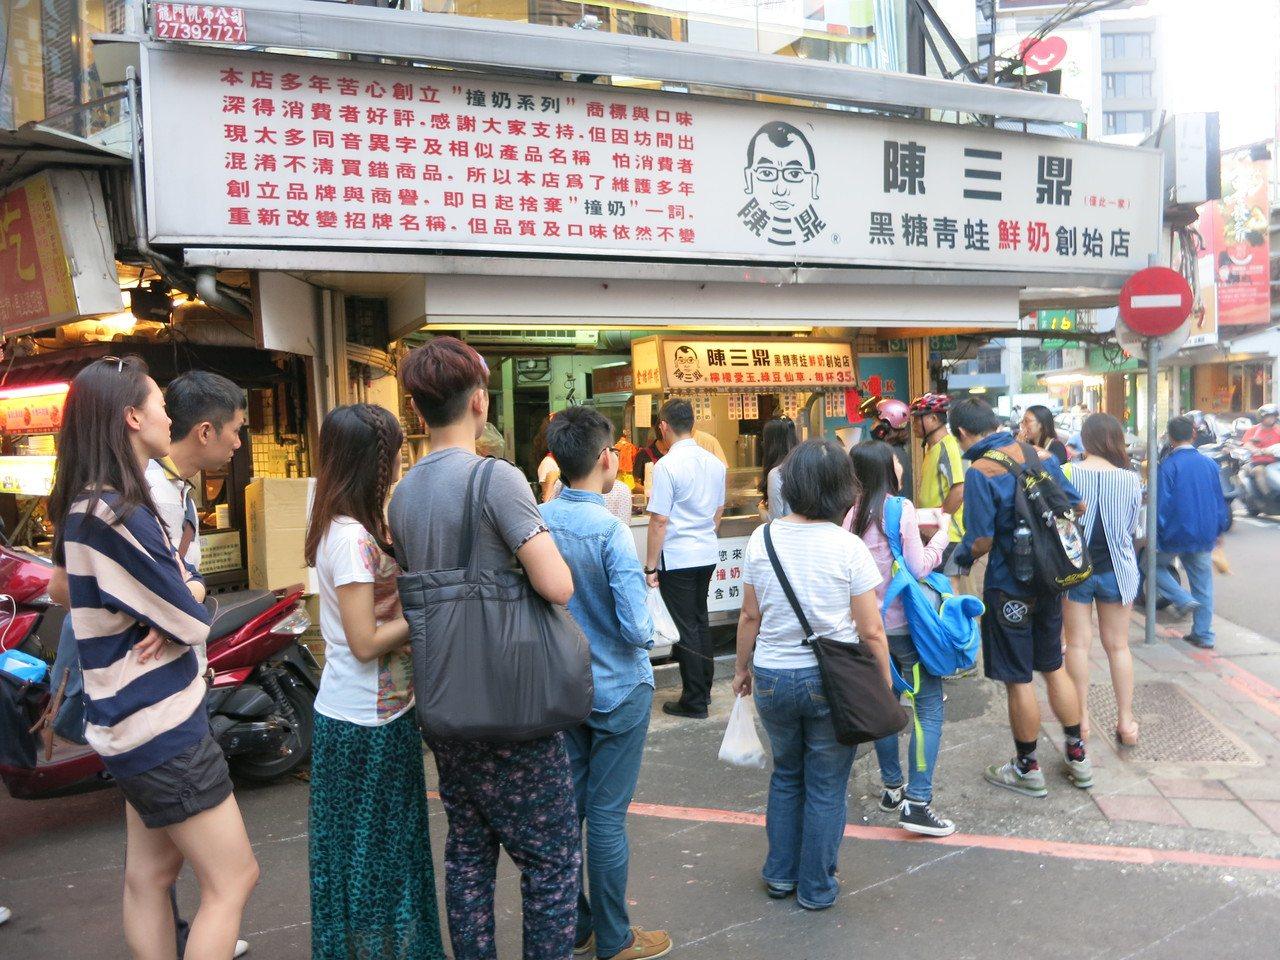 台大公館商圈黑糖撞奶名店「陳三鼎」。記者吳曼寧/攝影